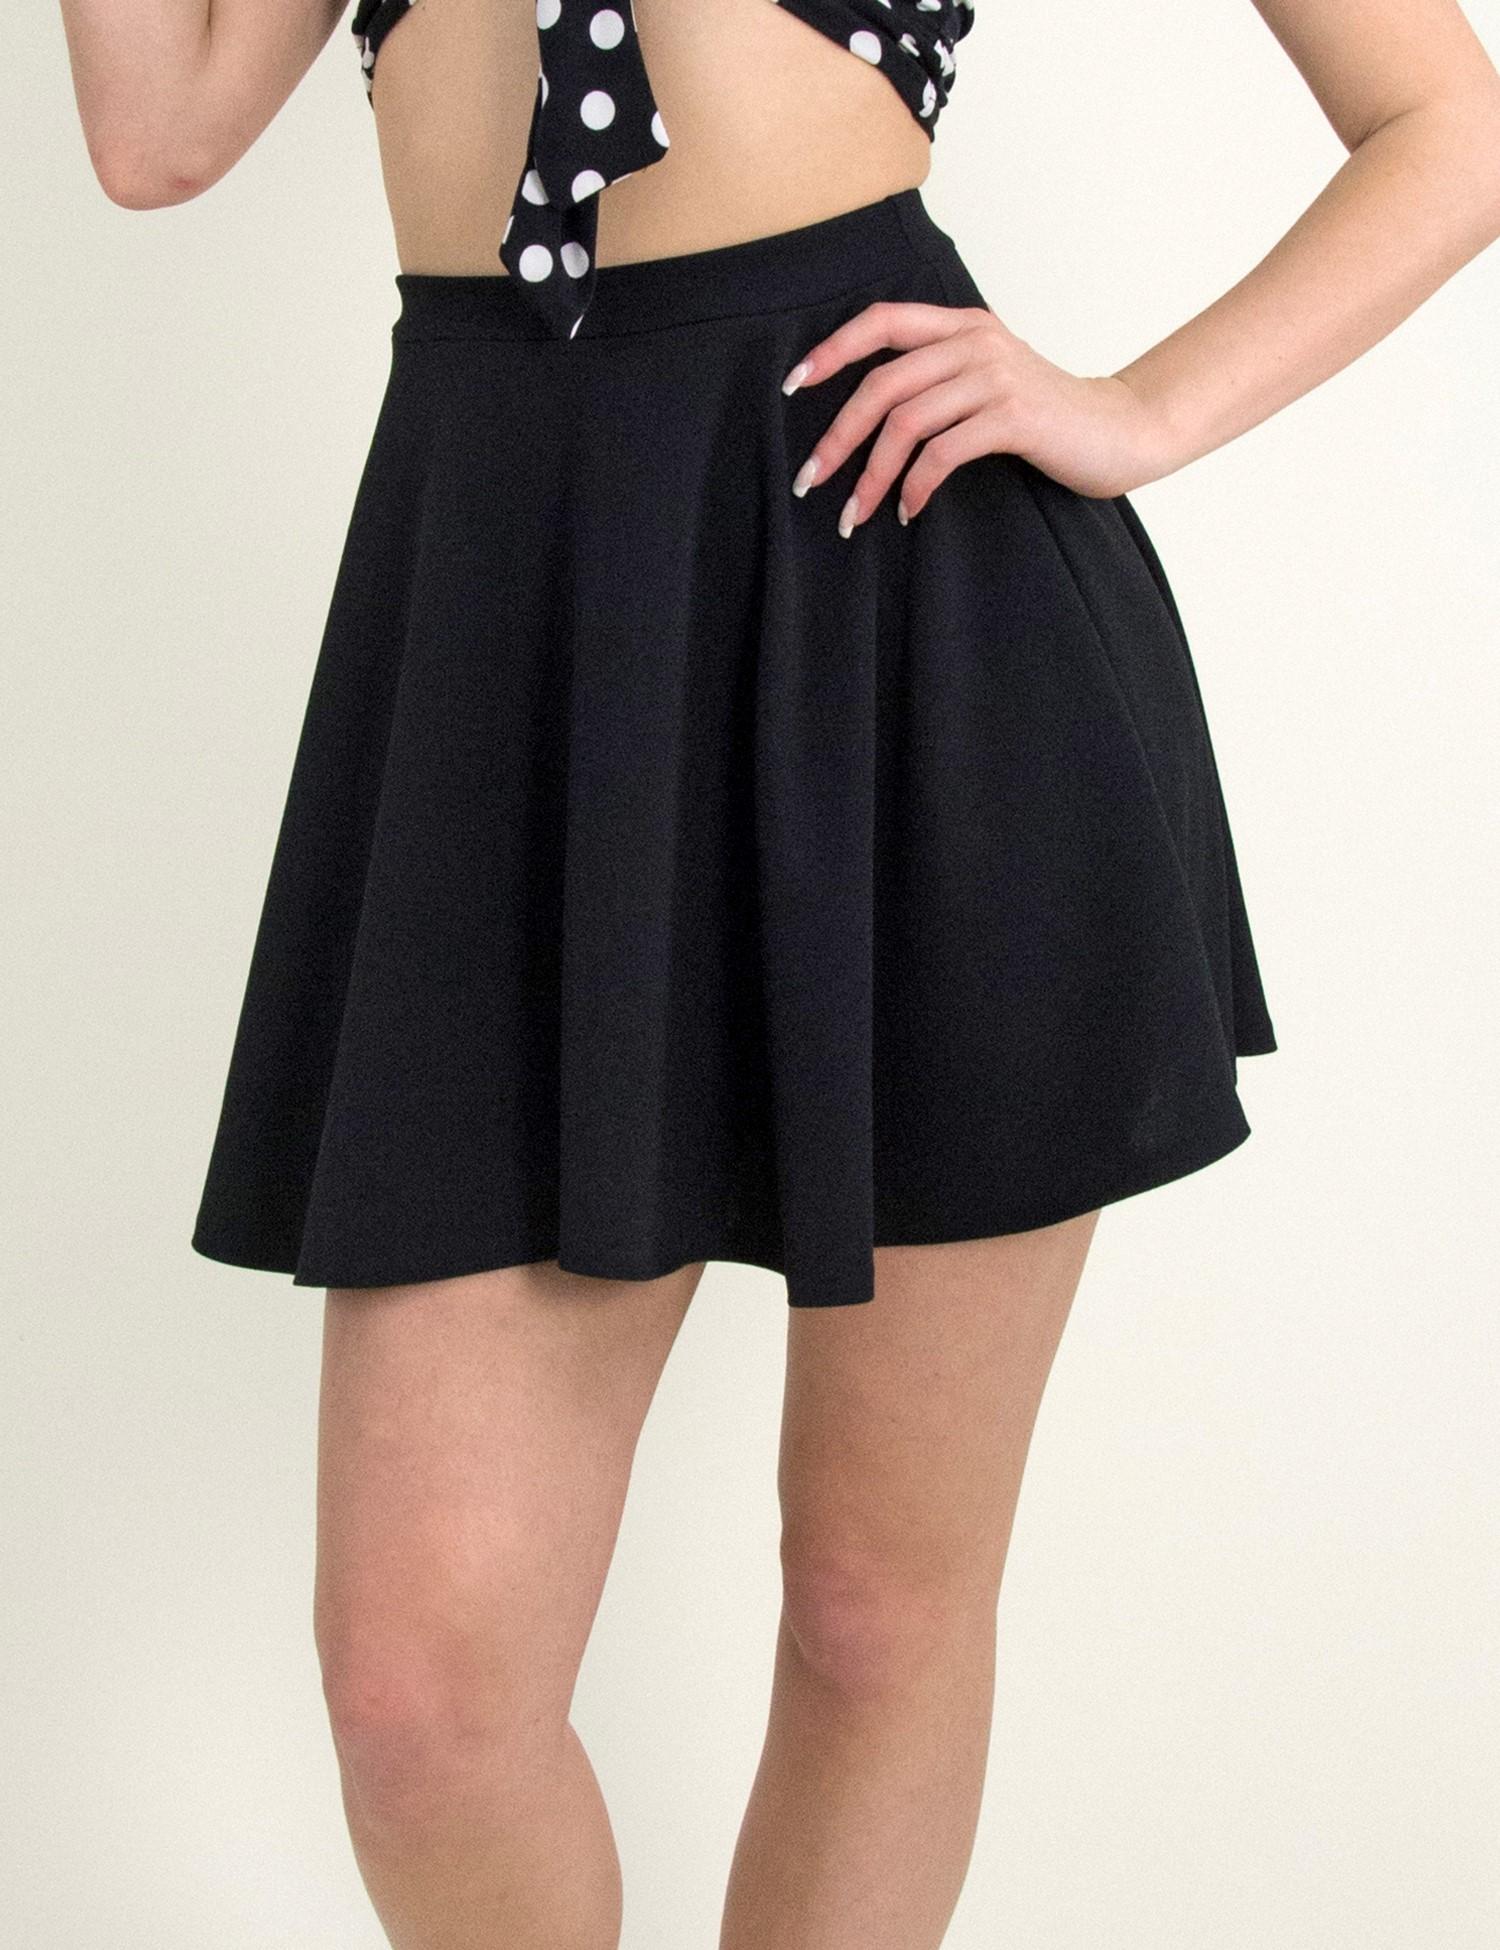 Γυναικεία   Ρούχα   Φούστες   Καθημερινές   CALVIN KLEIN JEANS ... 5377620c08e